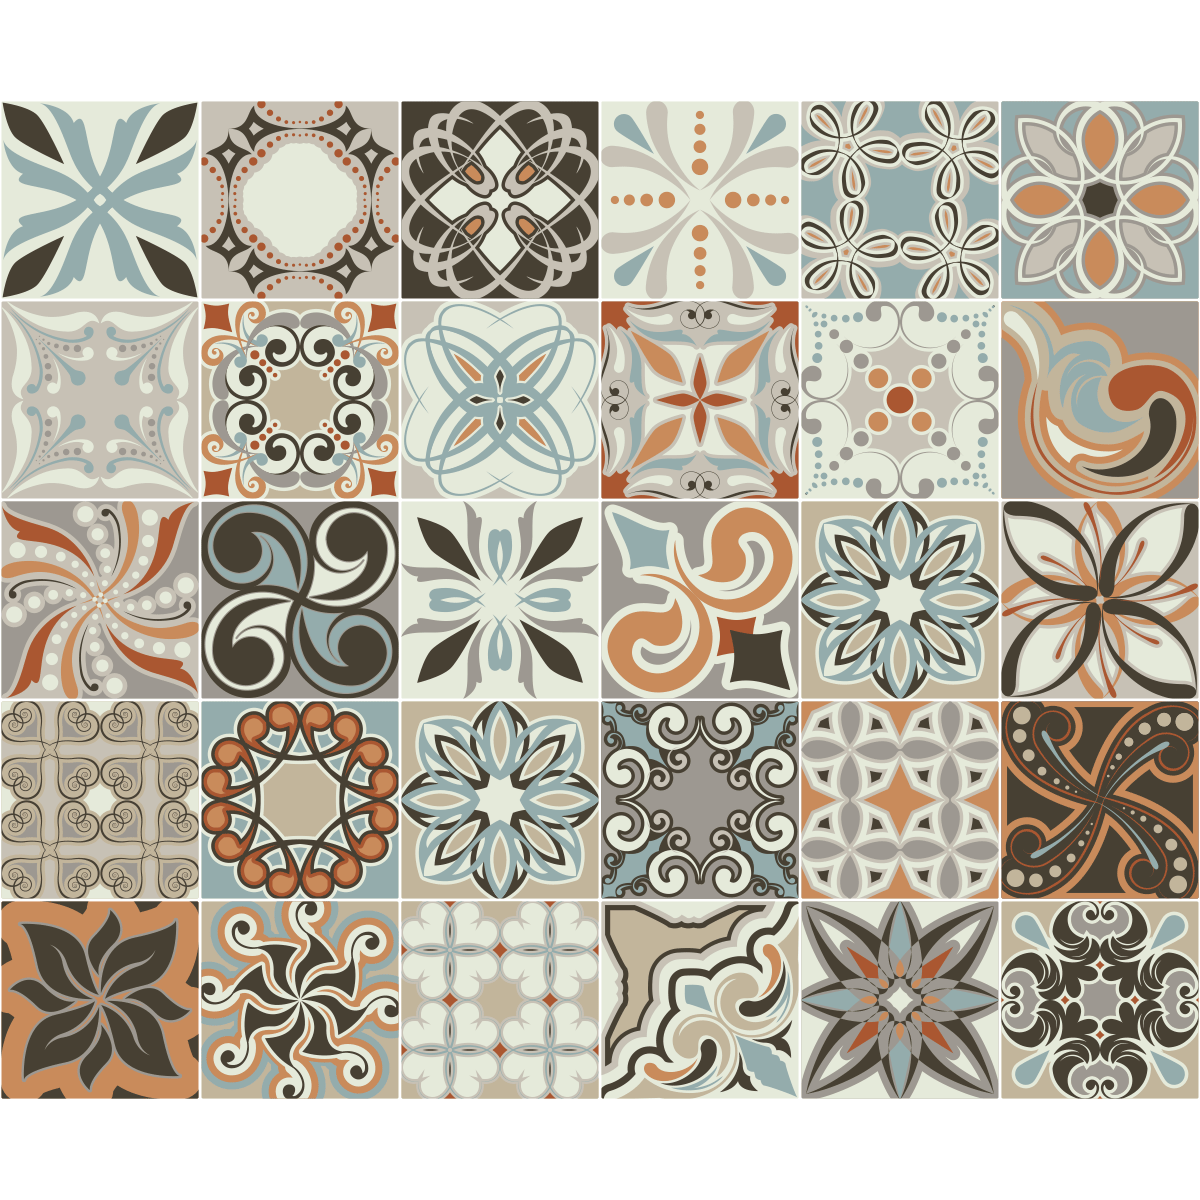 30 stickers carreaux de ciment bali stickers art et design artistiques ambiance sticker - Carreaux de ciment adhesif cuisine ...